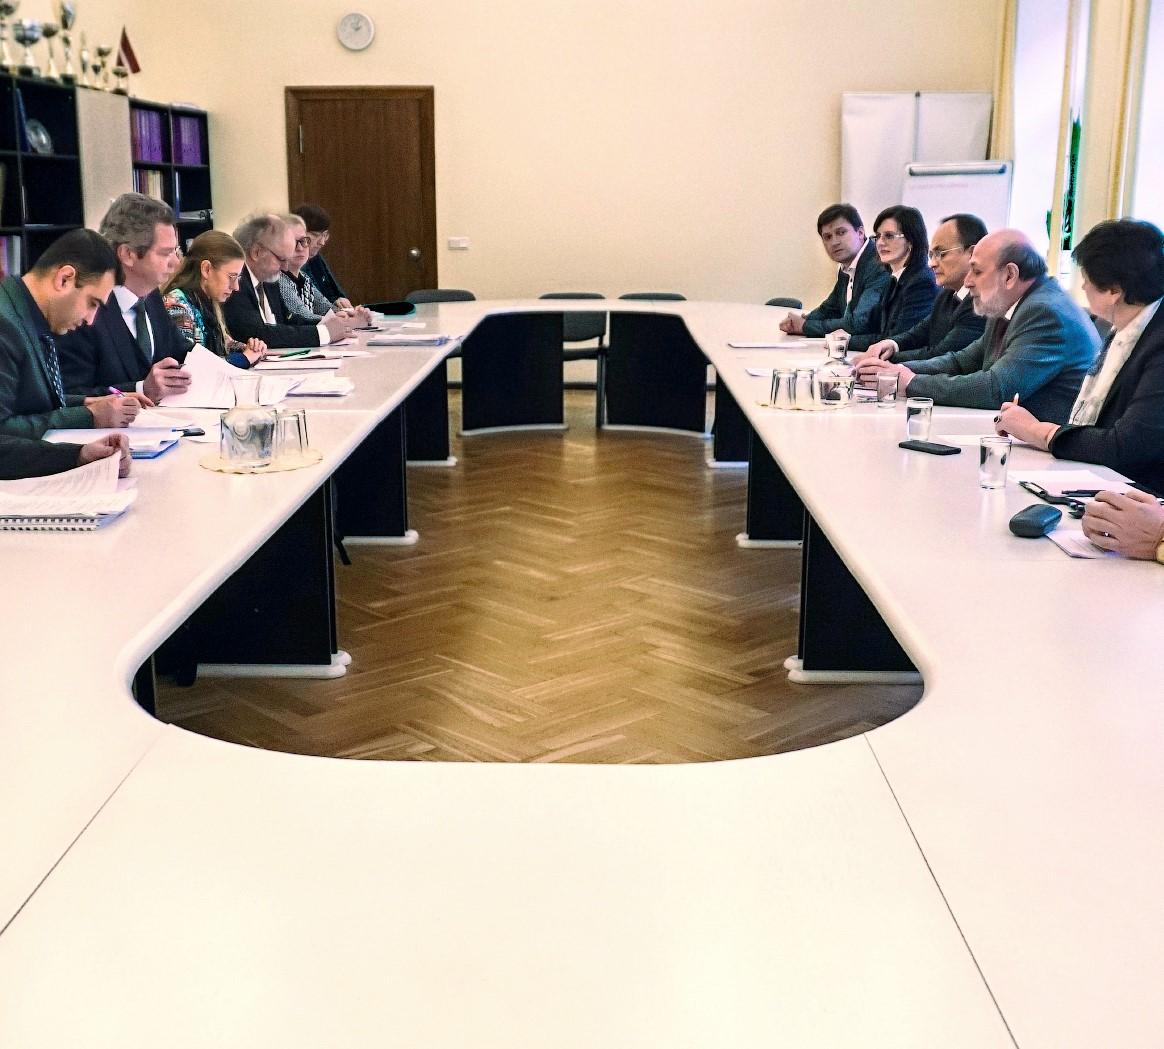 Venēcijas komisijas delegācija, vizītes laikā Rīgā, izvērtē mazākumtautību skolu reformu